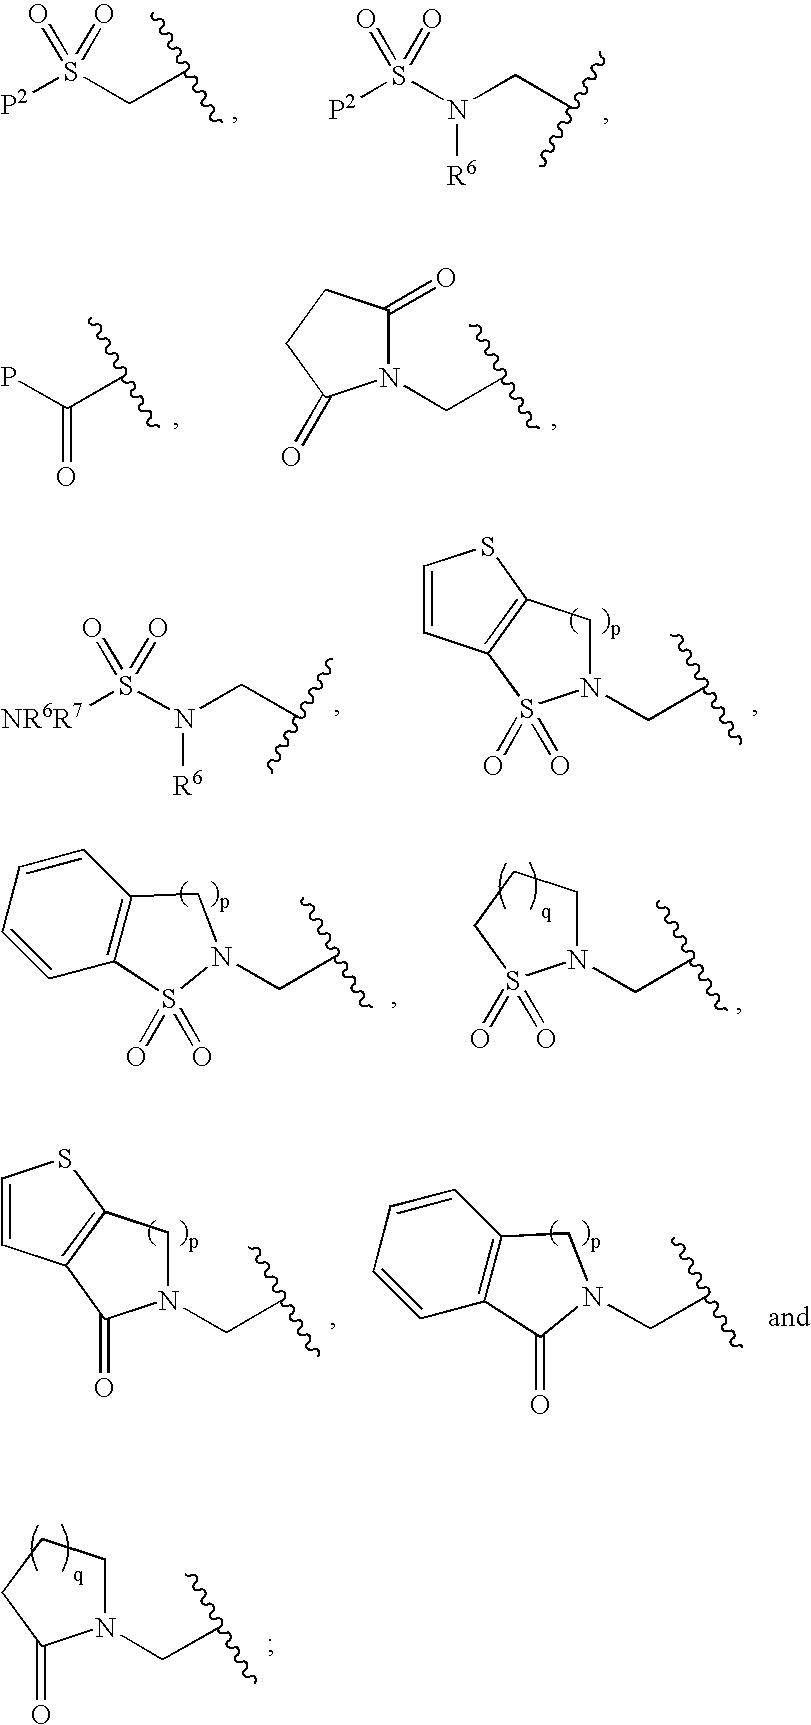 Figure US20060276404A1-20061207-C00030